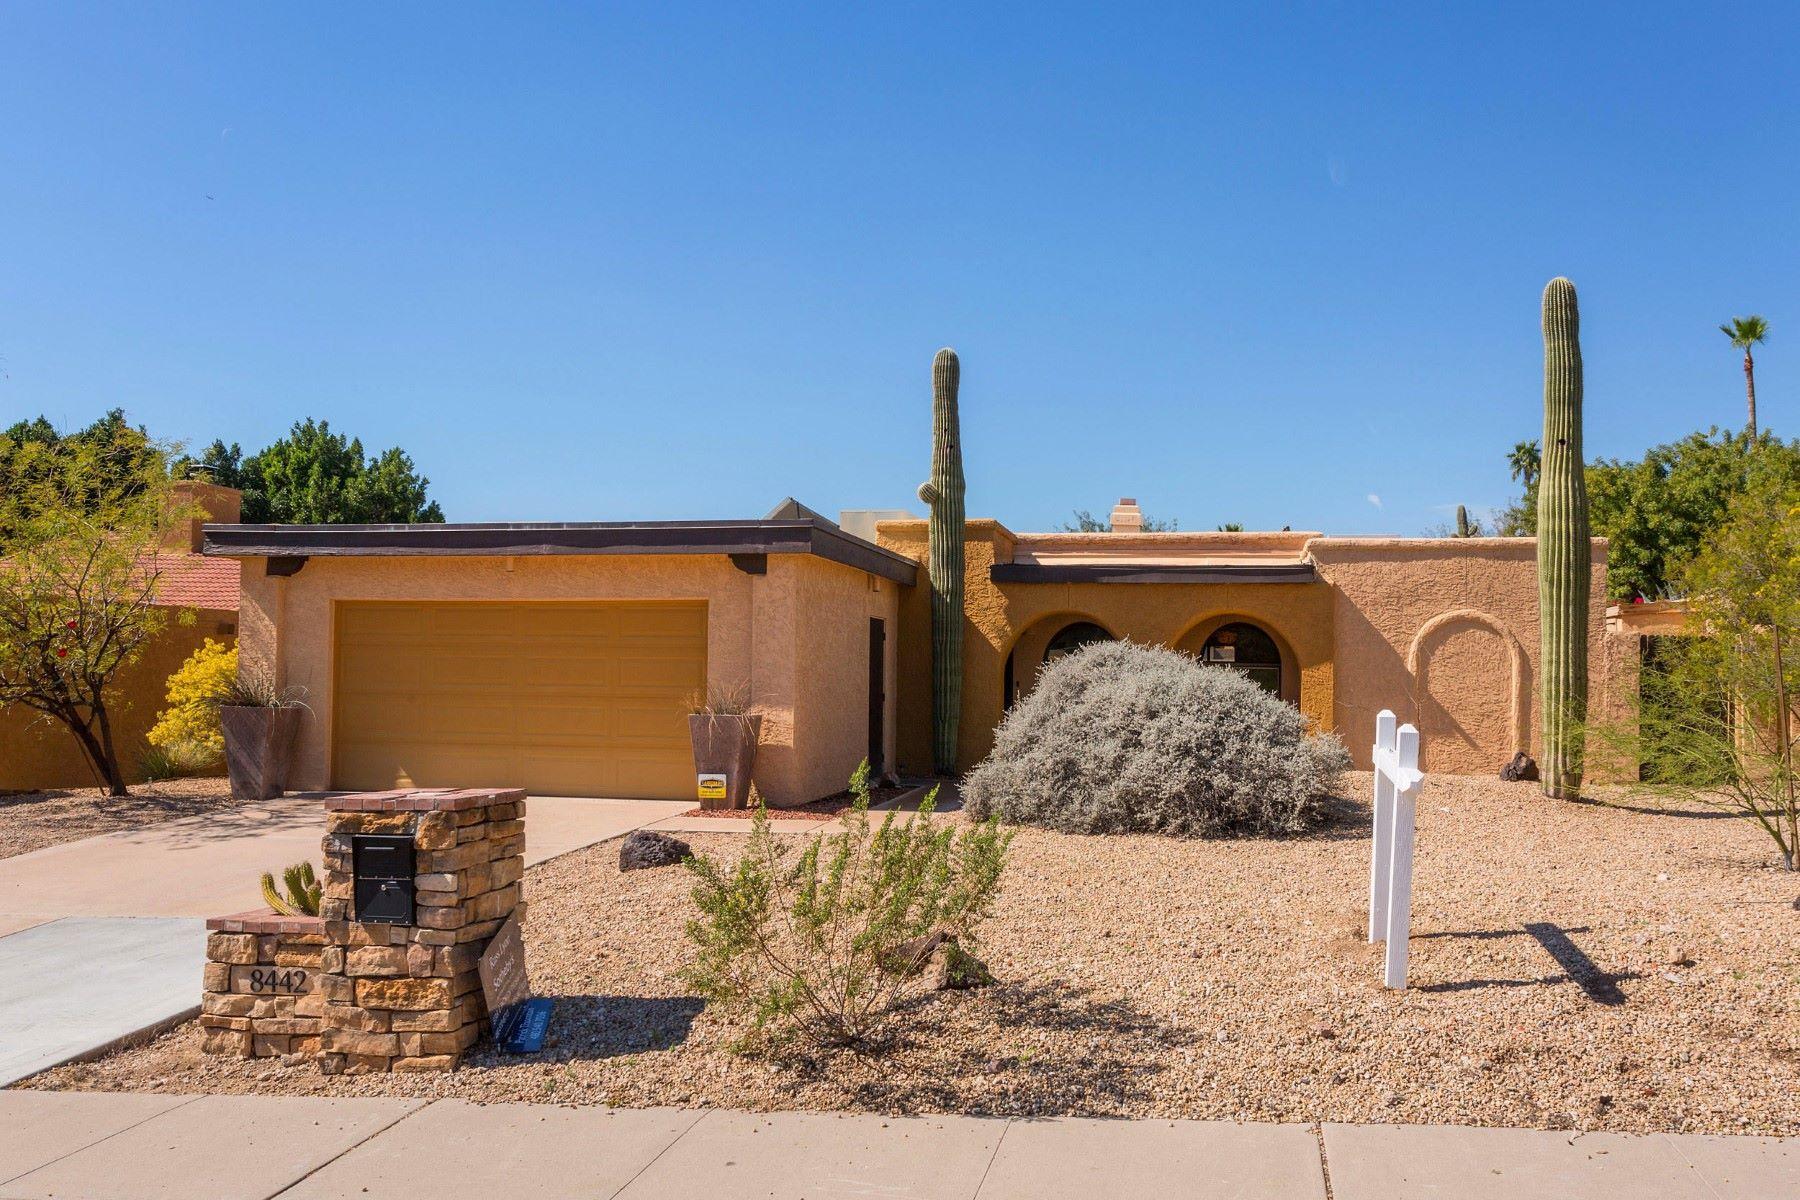 Частный односемейный дом для того Продажа на Lovely three bedroom Phoenix home 8442 N 18th St Phoenix, Аризона, 85020 Соединенные Штаты